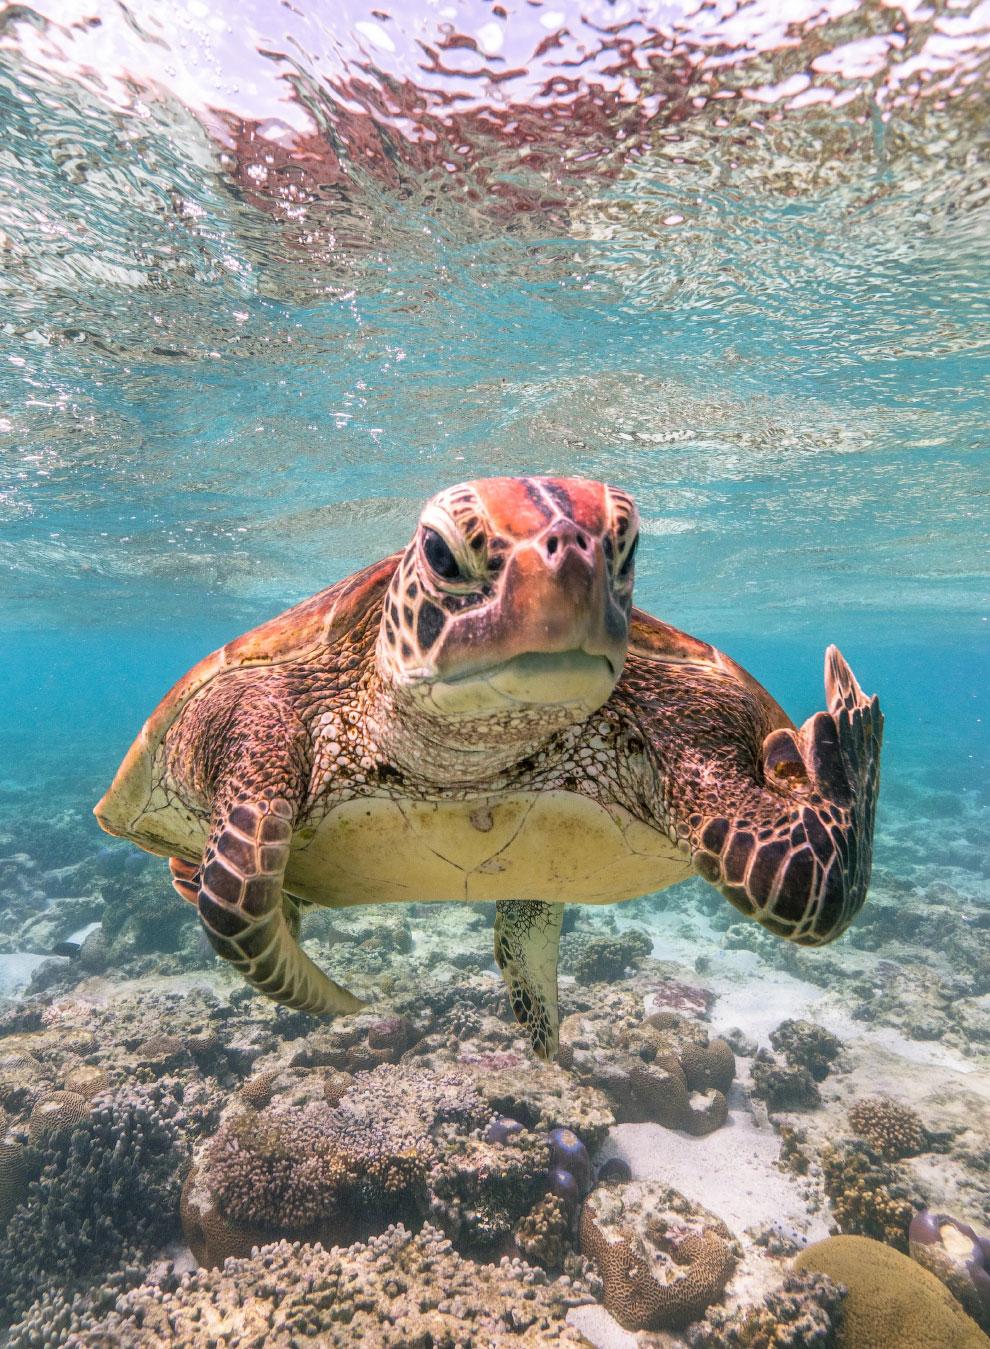 Победители фотоконкурса Comedy Wildlife Photography Awards 2020